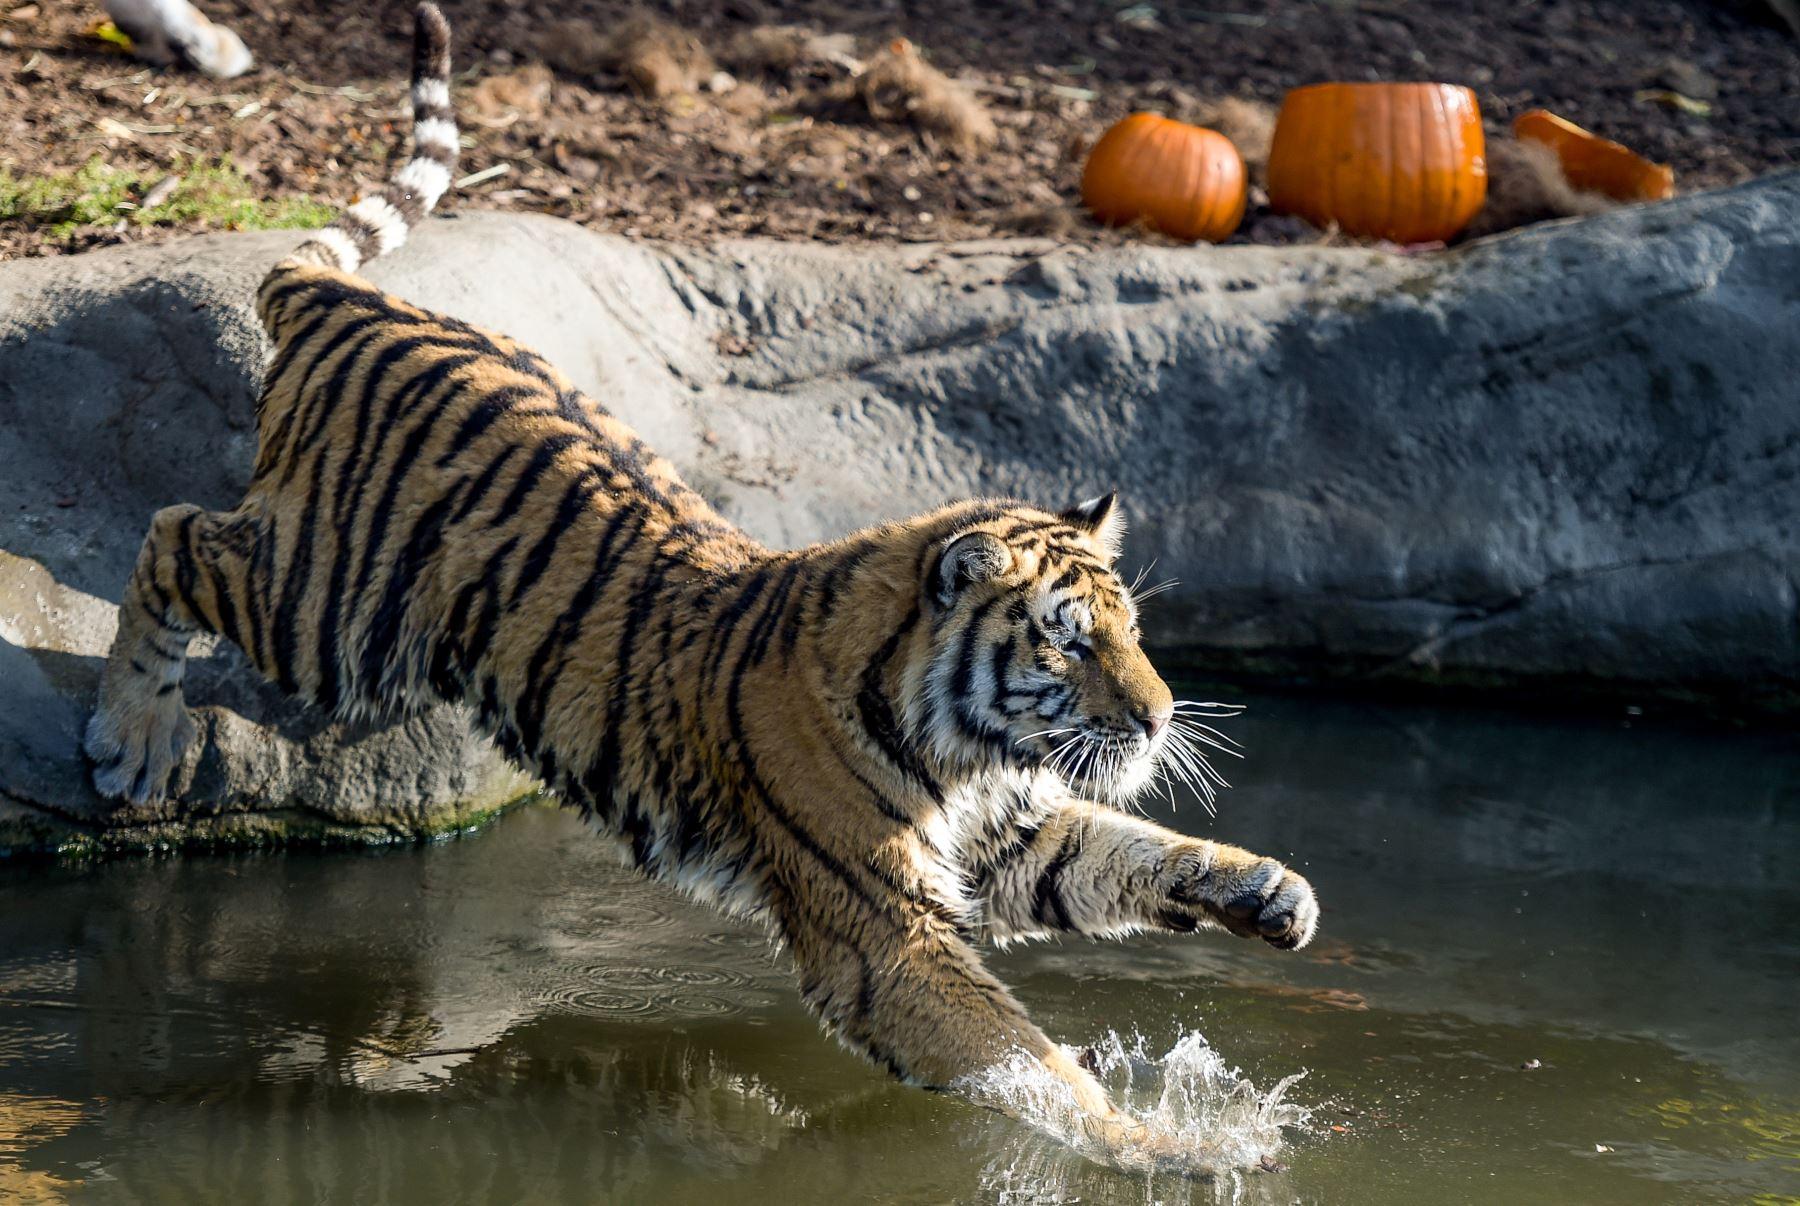 Un tigre siberiano salta en su piscina para alcanzar una calabaza rellena de carne en el zoológico Tierpark Hagenbeck en Hamburgo, en el norte de Alemania. AFP